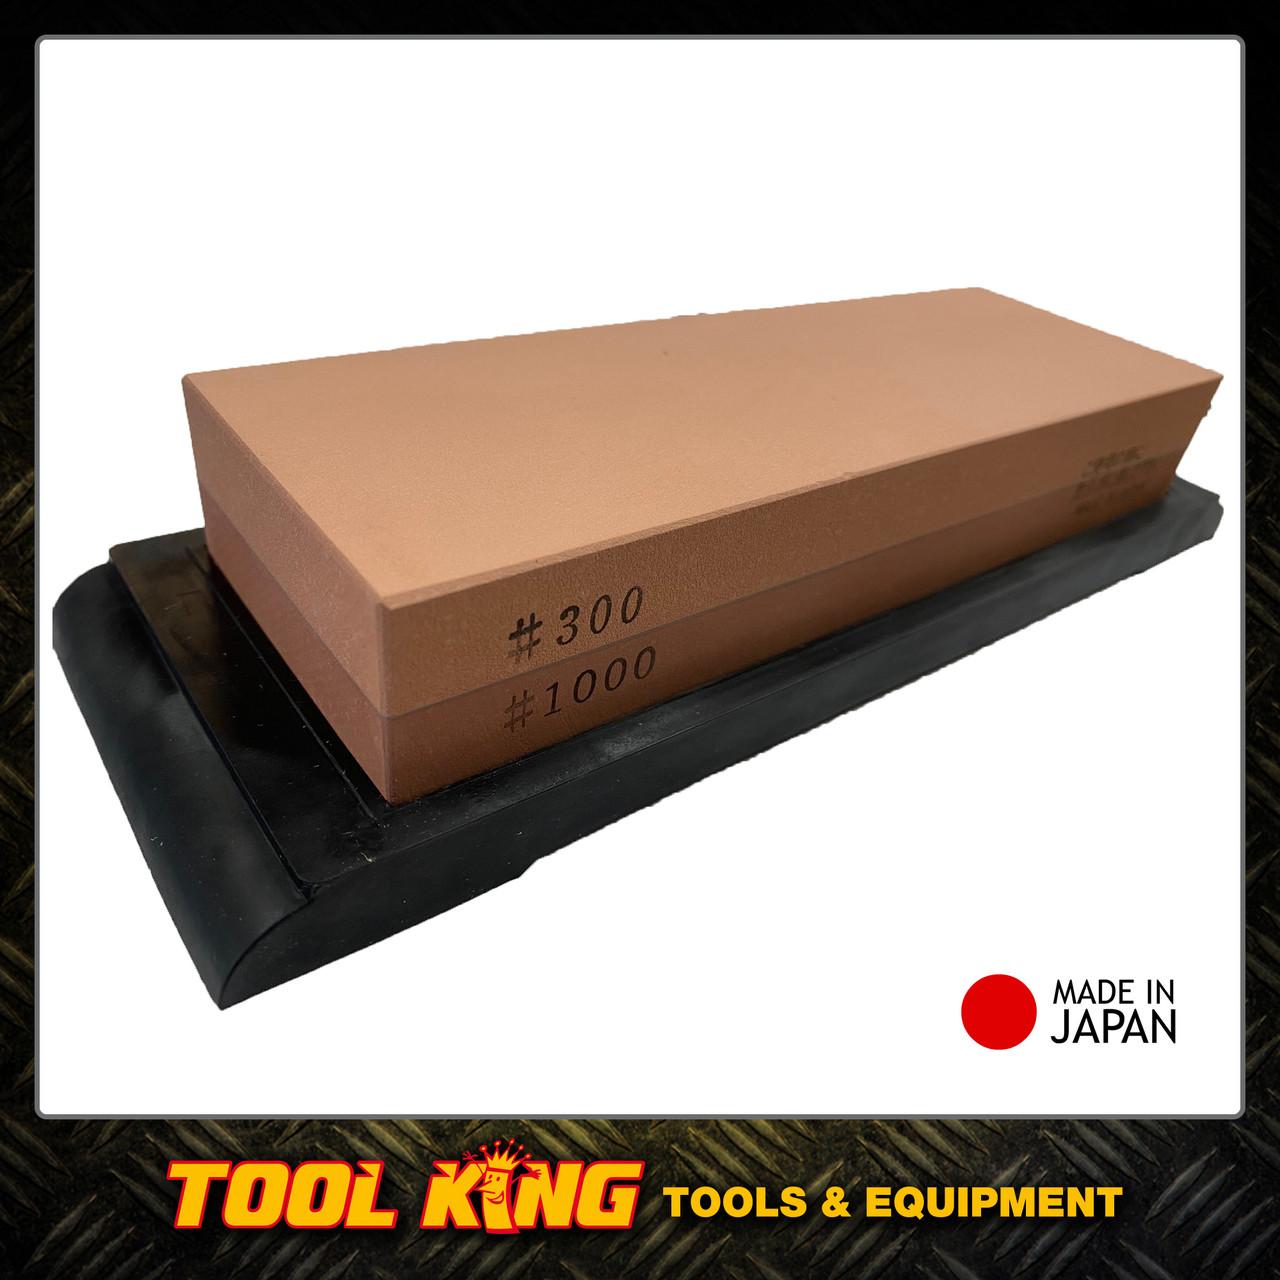 Japanese sharpening whetstone 300 & 1000g fine Made in Japan